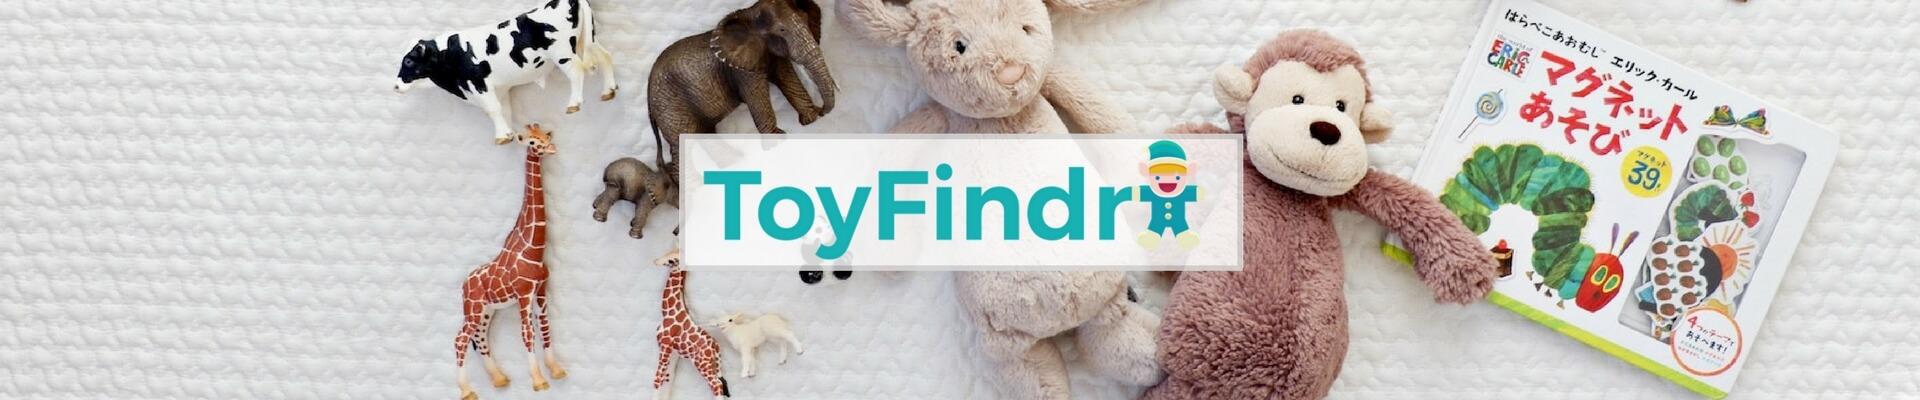 ToyFindr.de - Spielzeug finden leicht gemacht